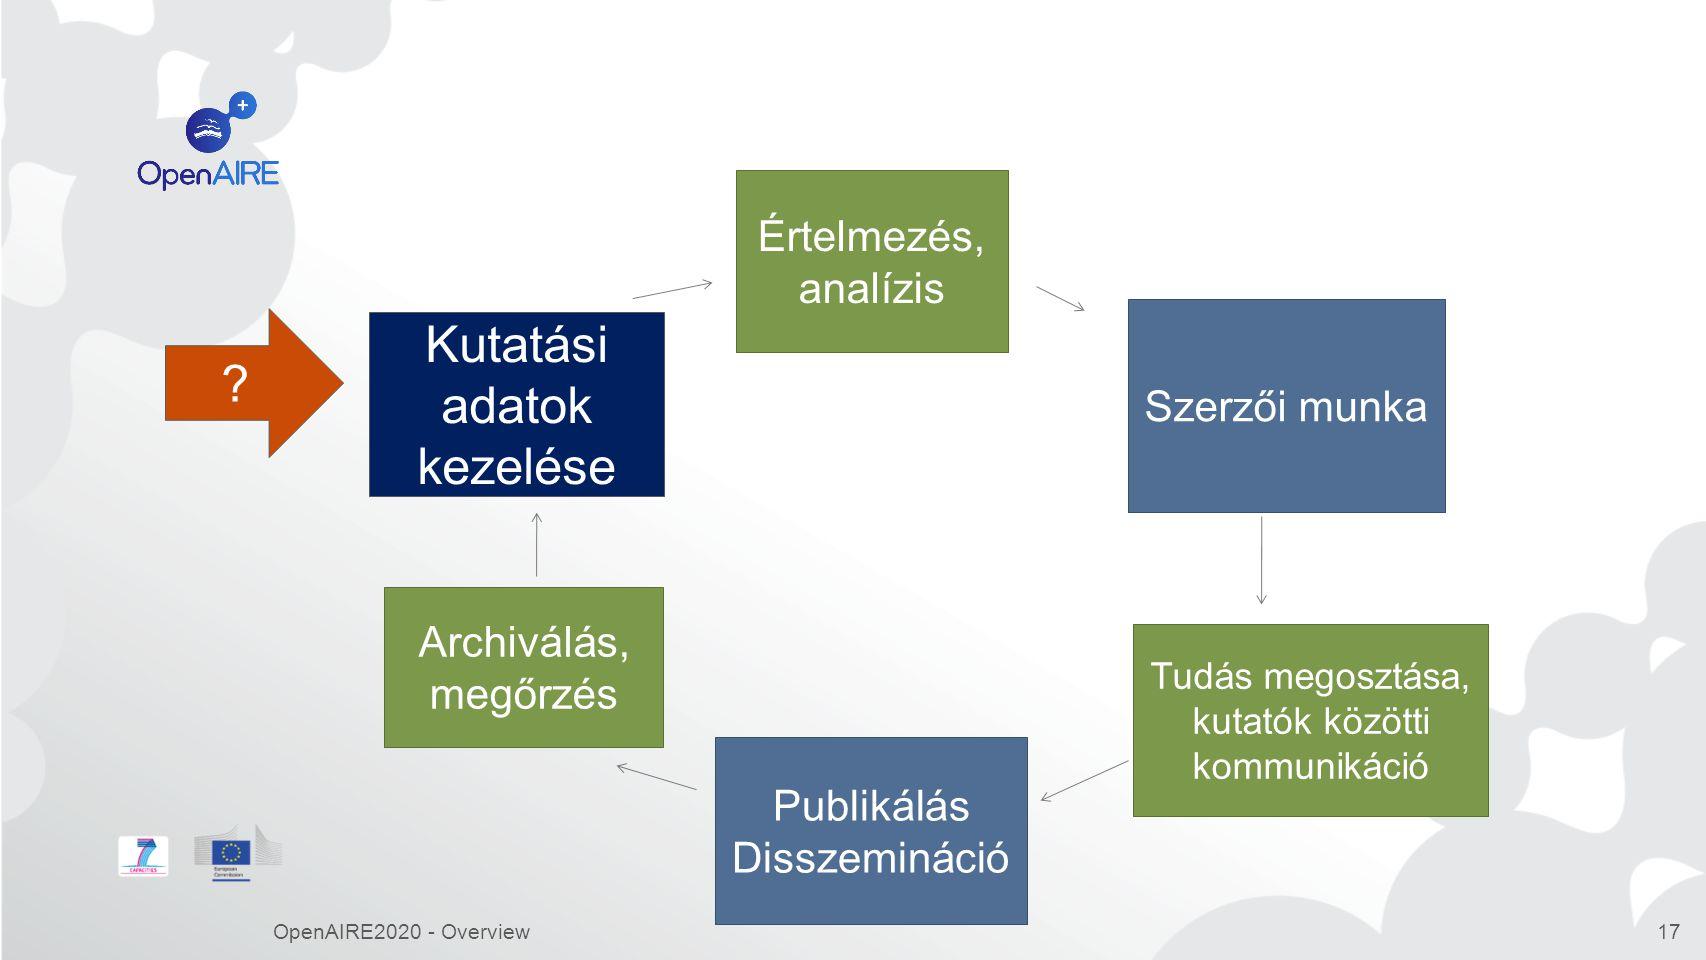 OpenAIRE2020 - Overview17 Értelmezés, analízis Szerzői munka Tudás megosztása, kutatók közötti kommunikáció Publikálás Disszemináció Archiválás, megőrzés Kutatási adatok kezelése ?